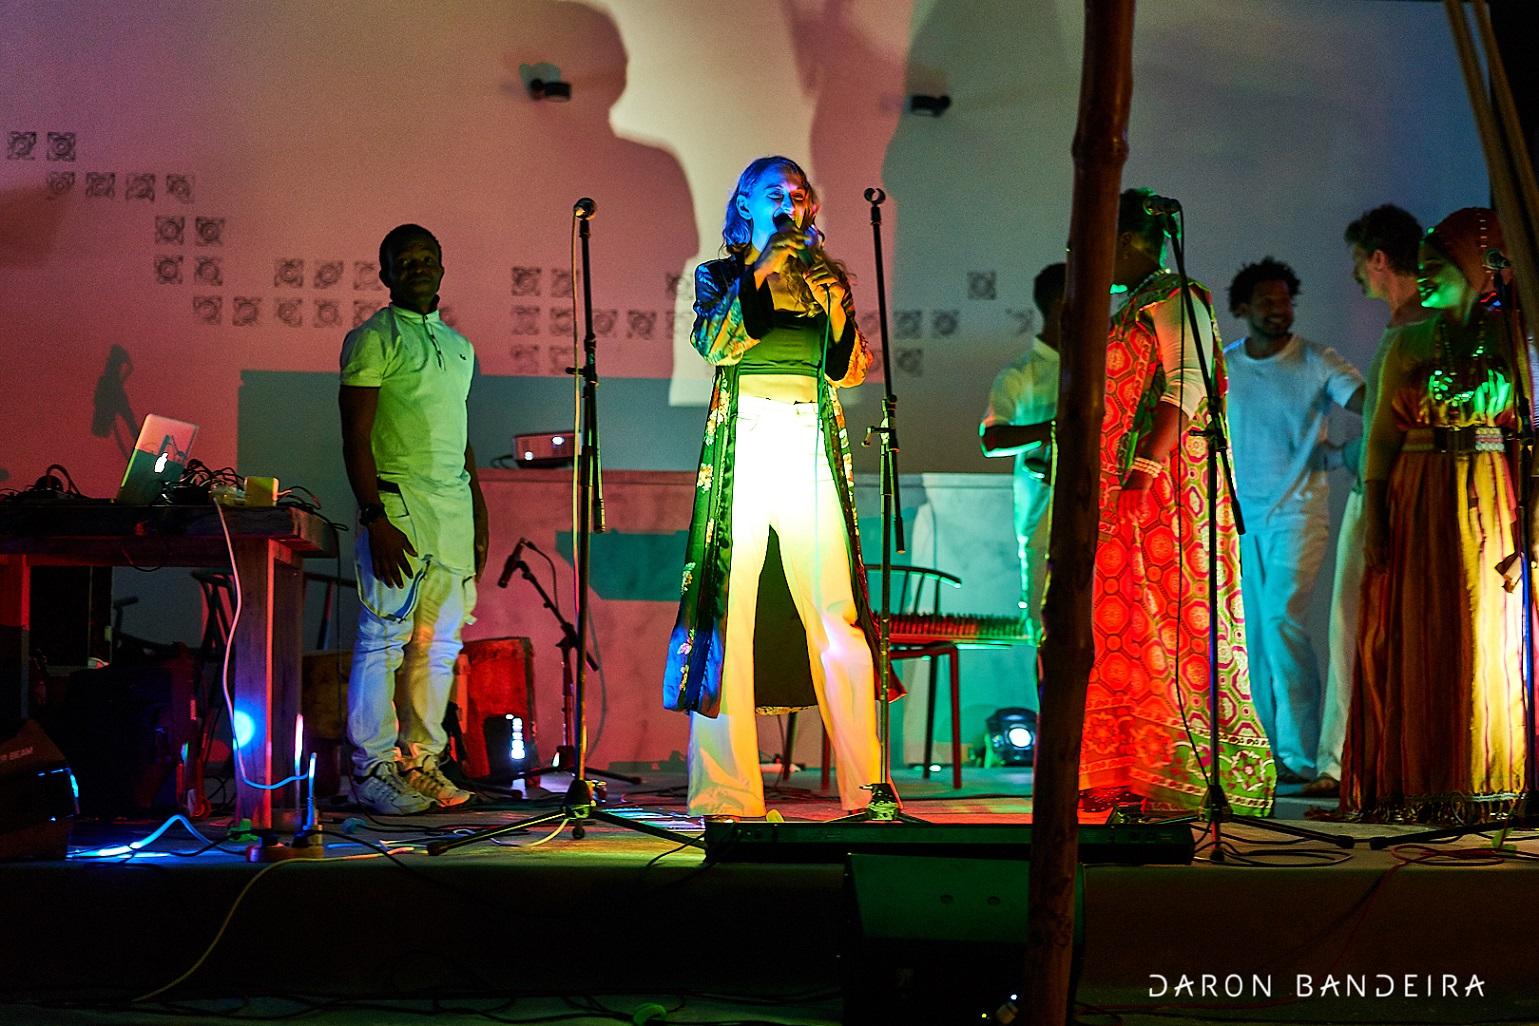 """MUSICA AFRICANA ED ELETTRONICA A """"FISH & DJS"""" AL MERCATO DEI PESCATORI DELLA DARSENA"""